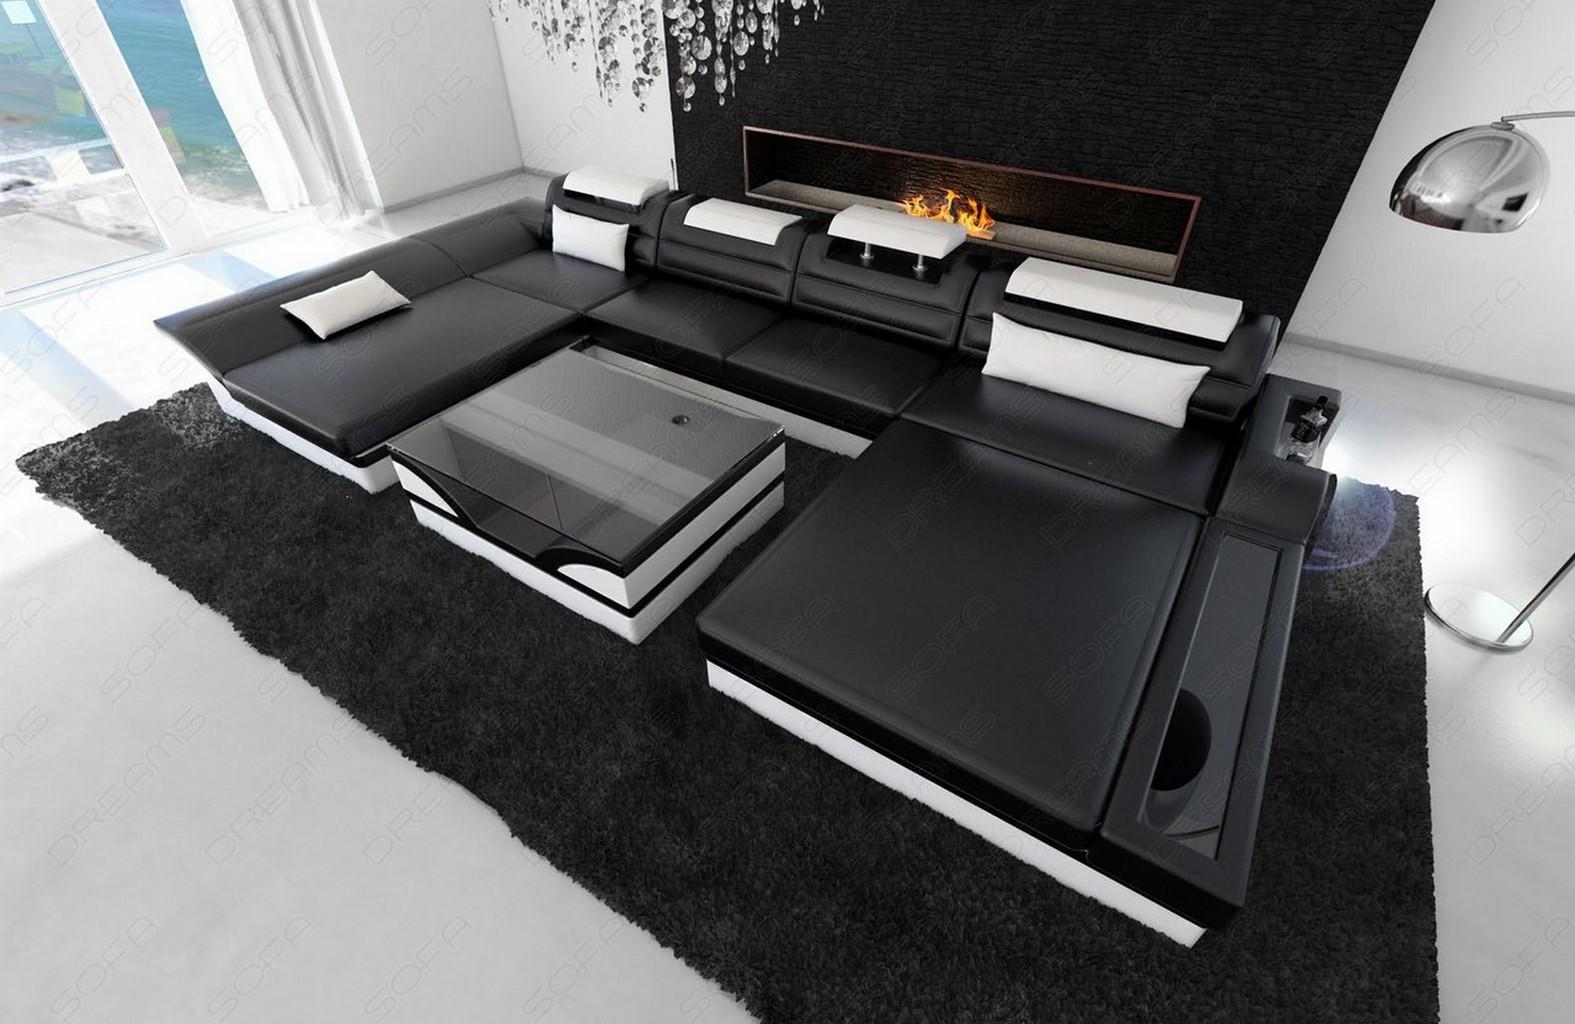 big sectional sofa monza u shaped with led lights black white ebay. Black Bedroom Furniture Sets. Home Design Ideas